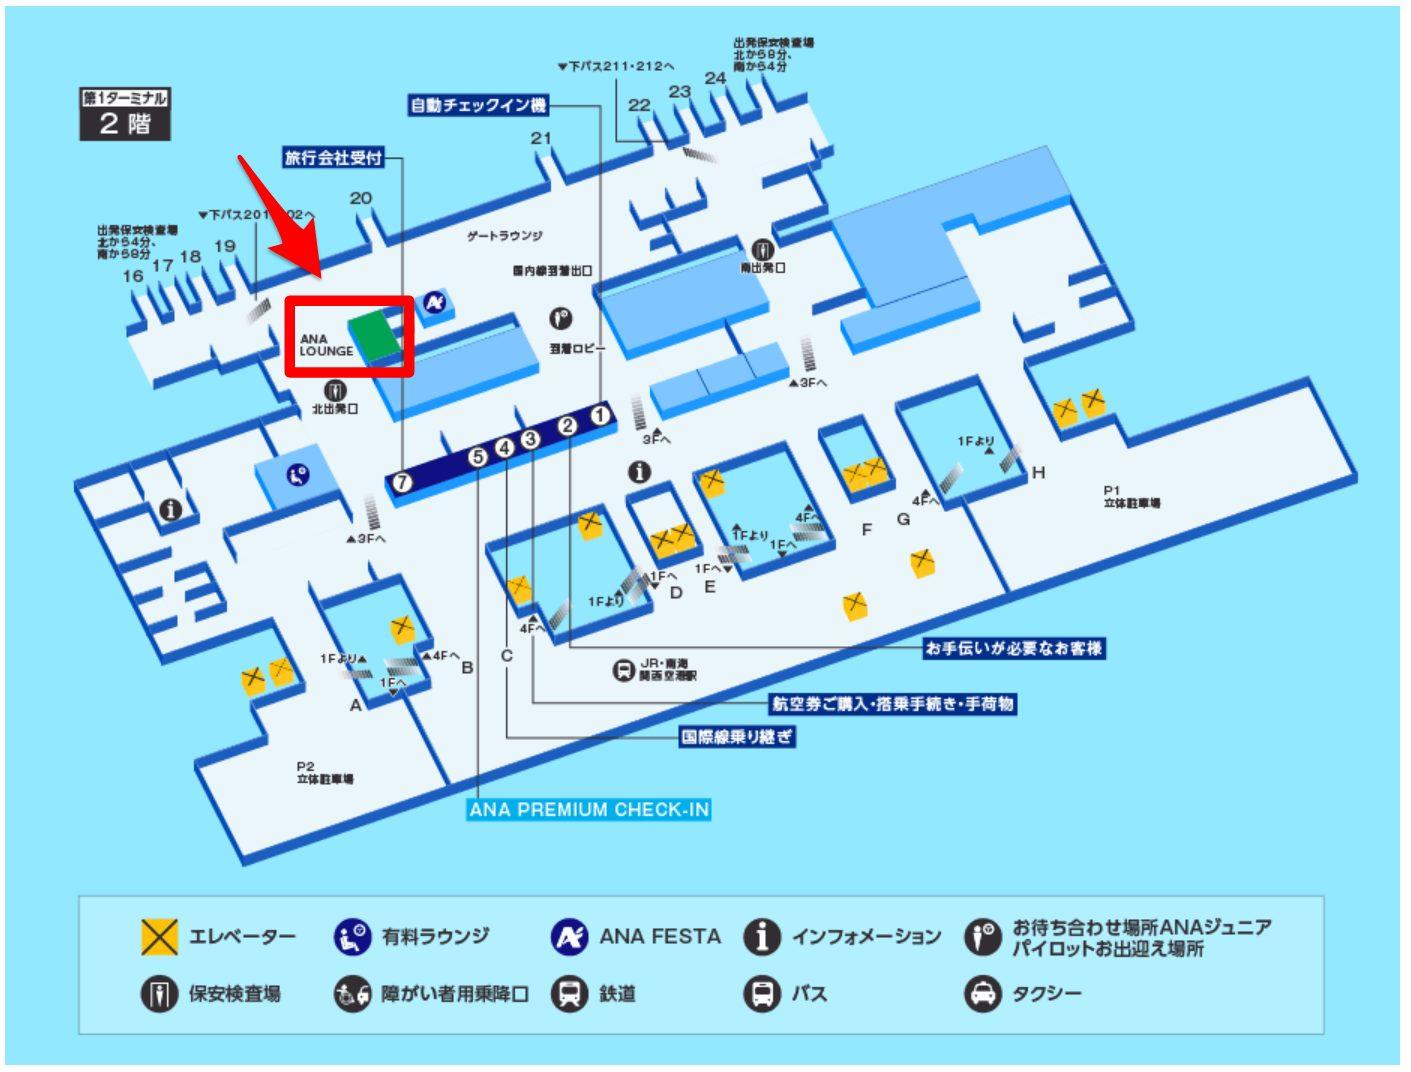 関西国際空港ANAラウンジマップ